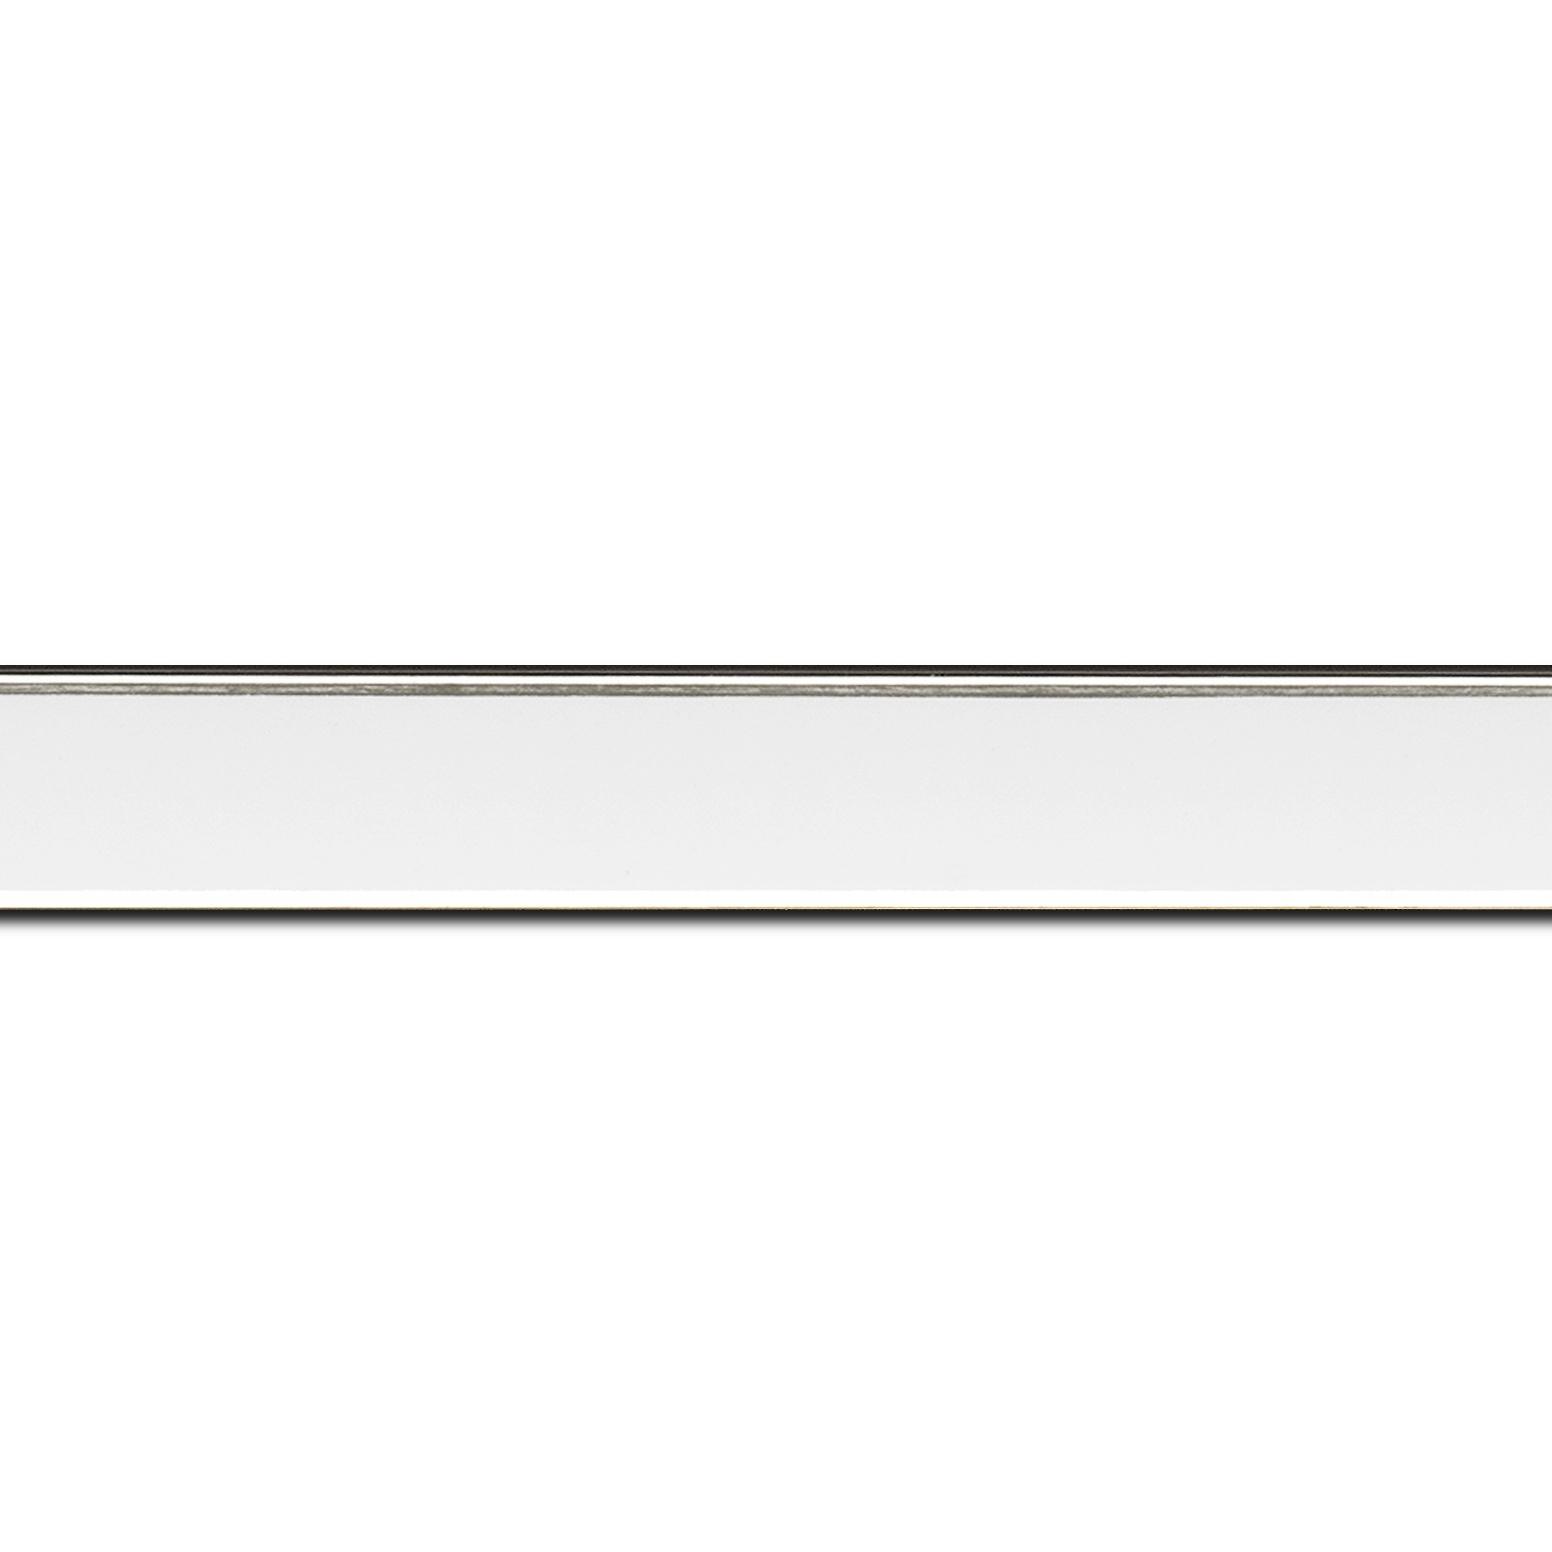 Baguette longueur 1.40m bois profil concave largeur 2.4cm couleur blanc satiné  filet argent de chaque coté